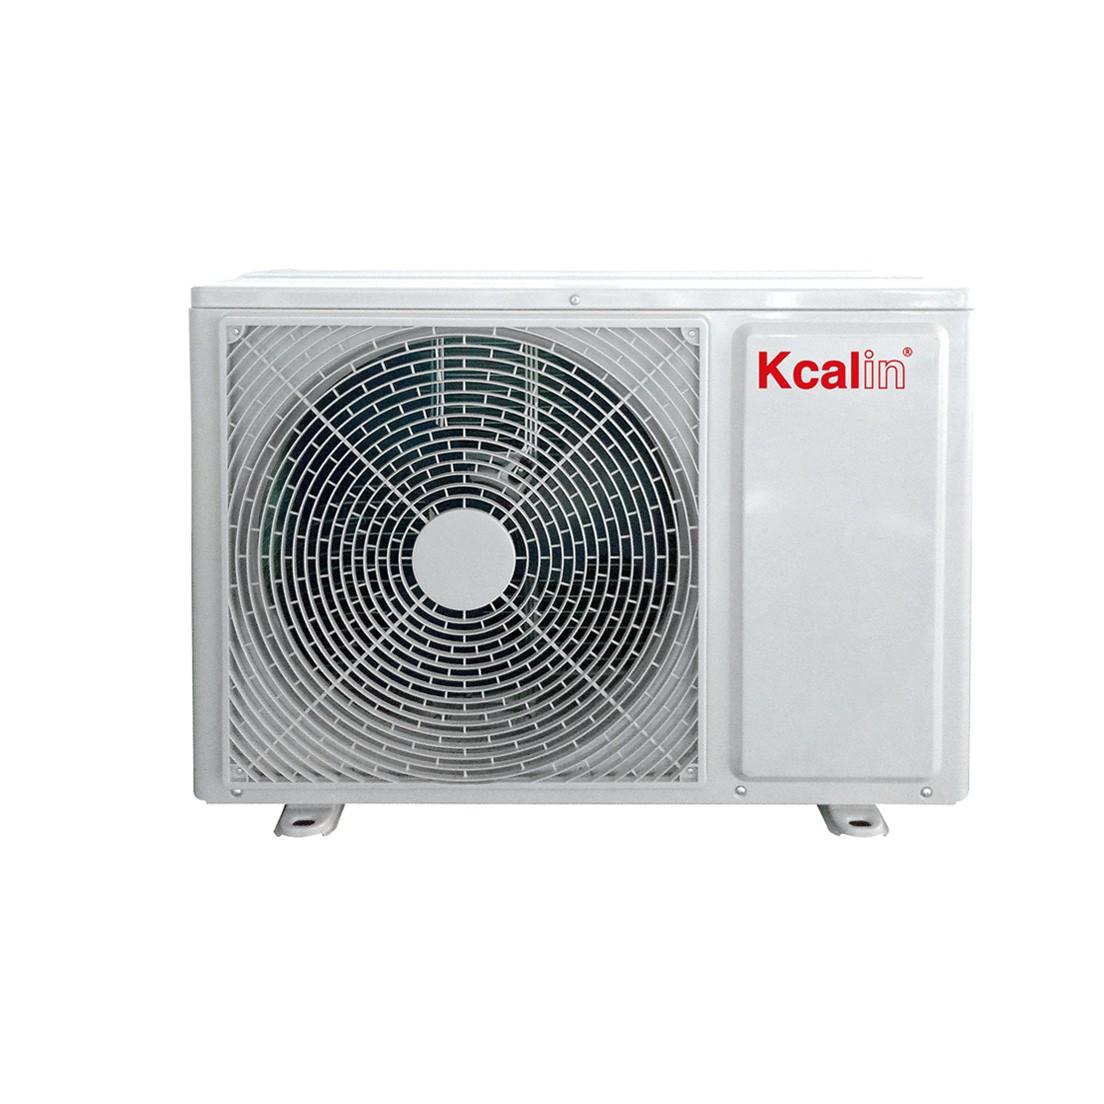 低环温变频空气源热风机